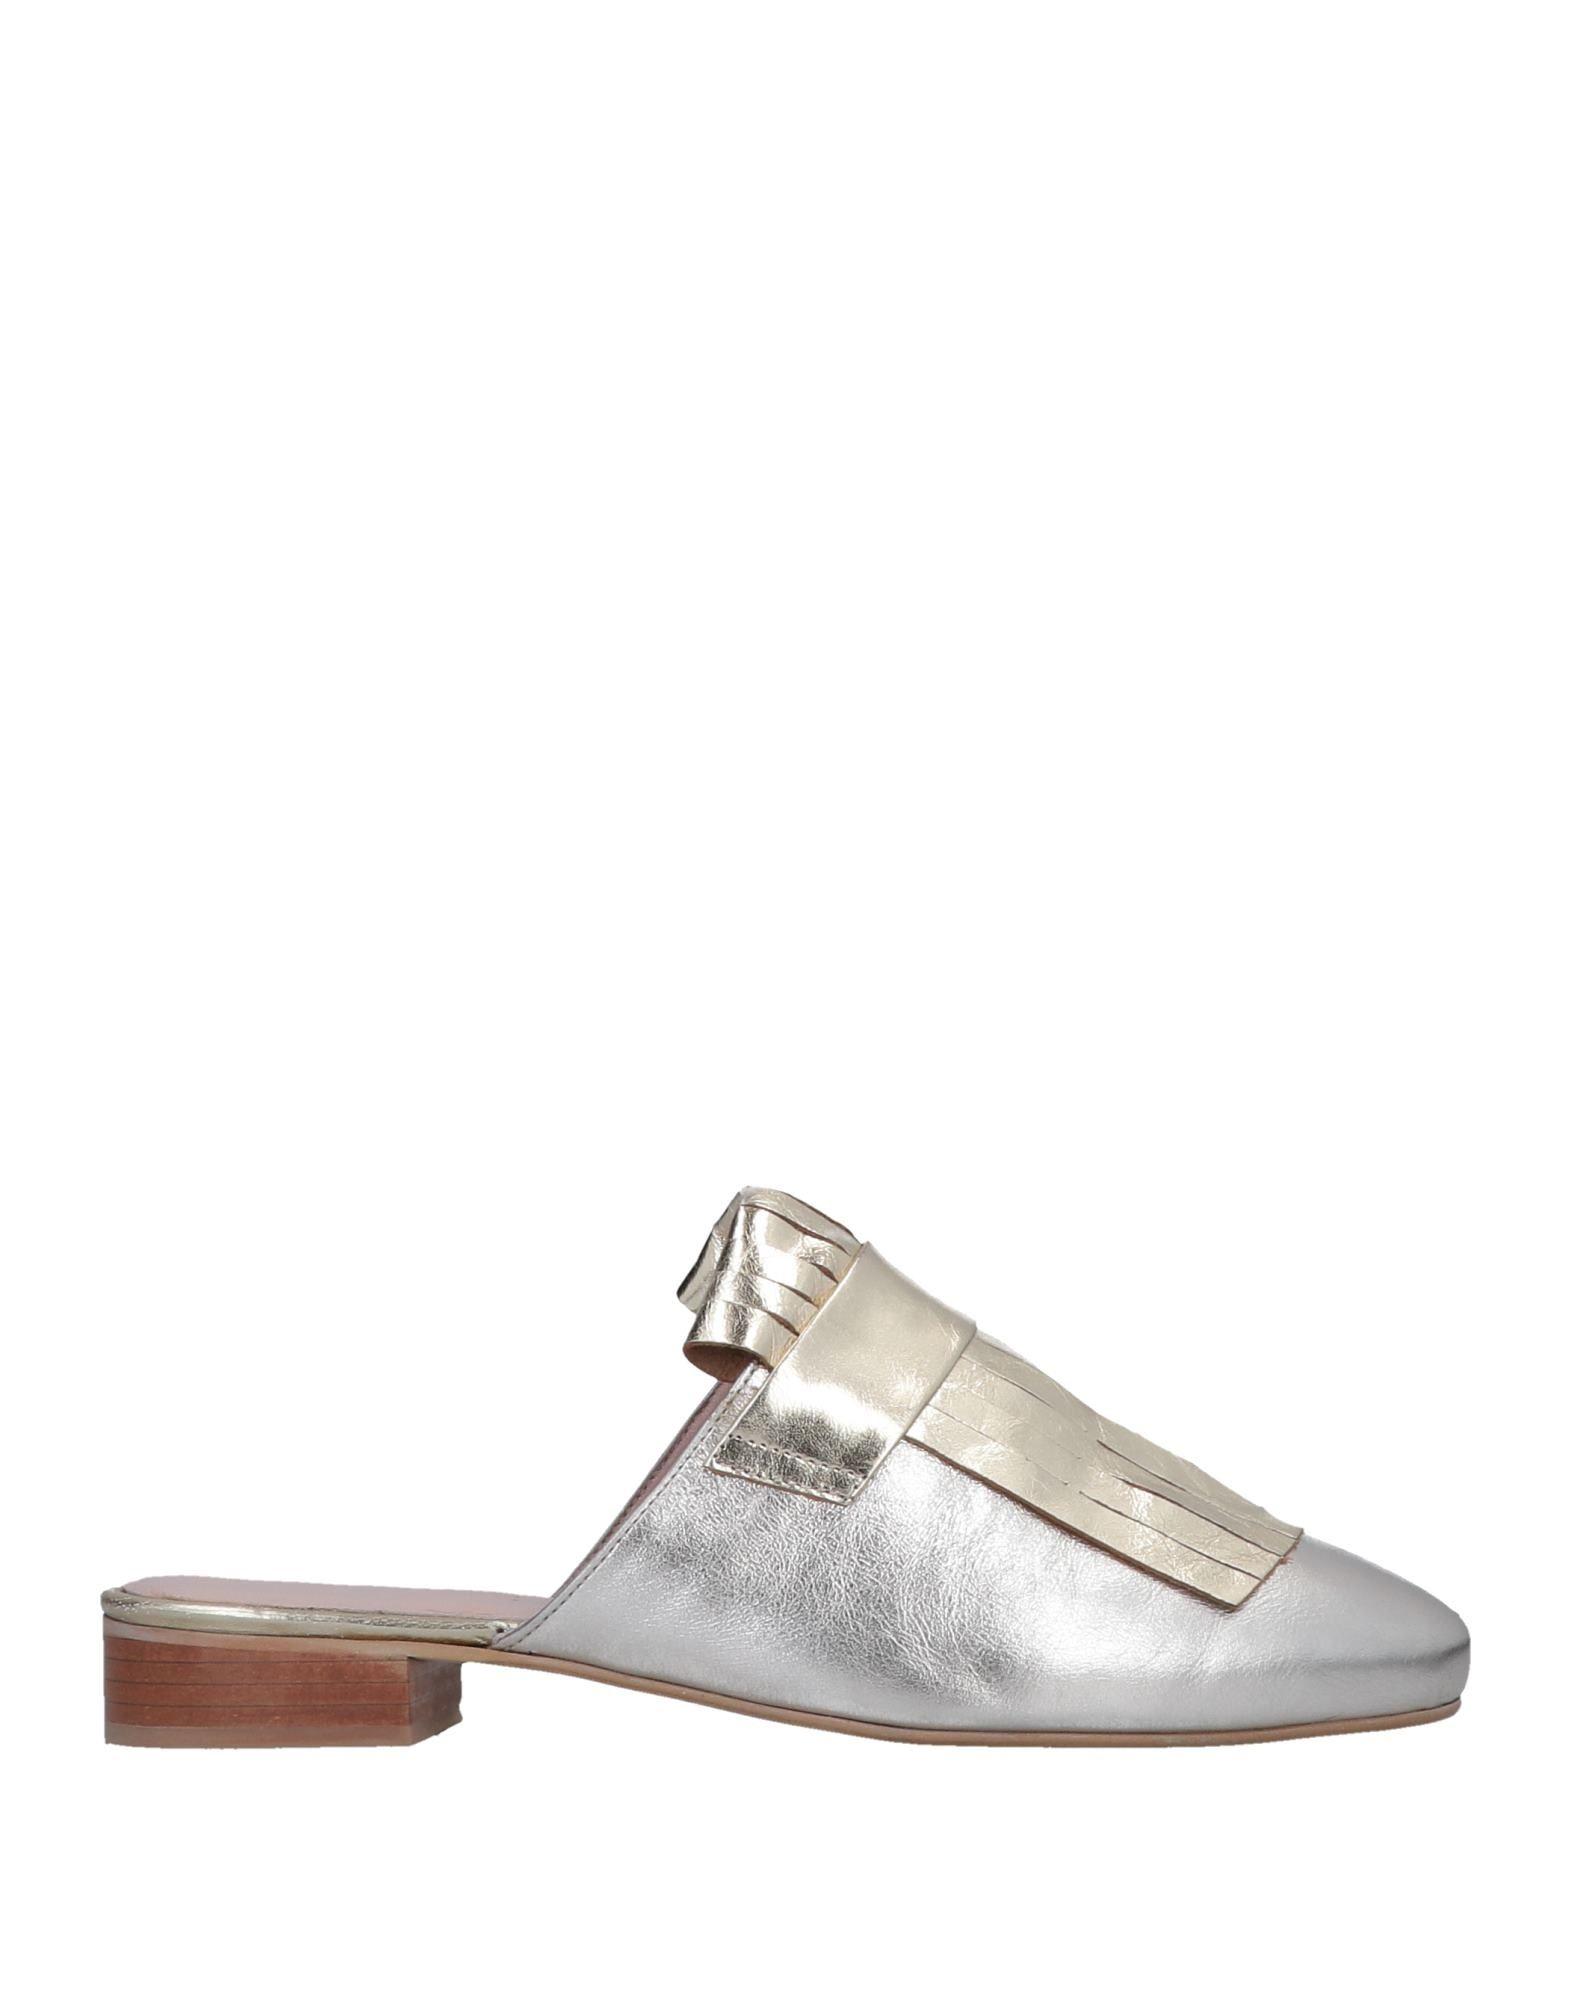 Mule Pixy Donna - 11509804QX Scarpe economiche e buone